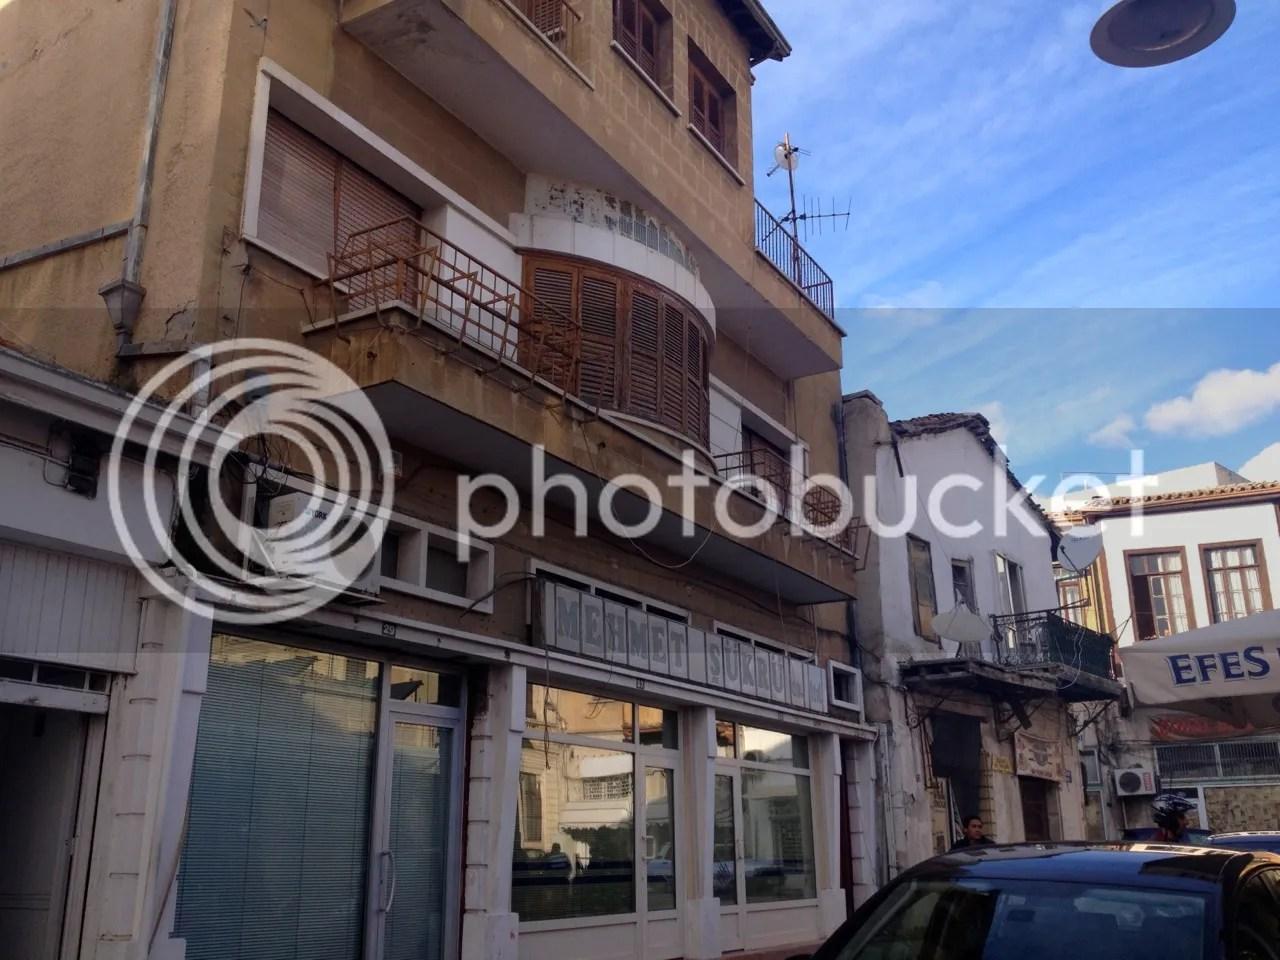 https://i2.wp.com/i181.photobucket.com/albums/x35/jwhite9185/Larnaca/file-127.jpg